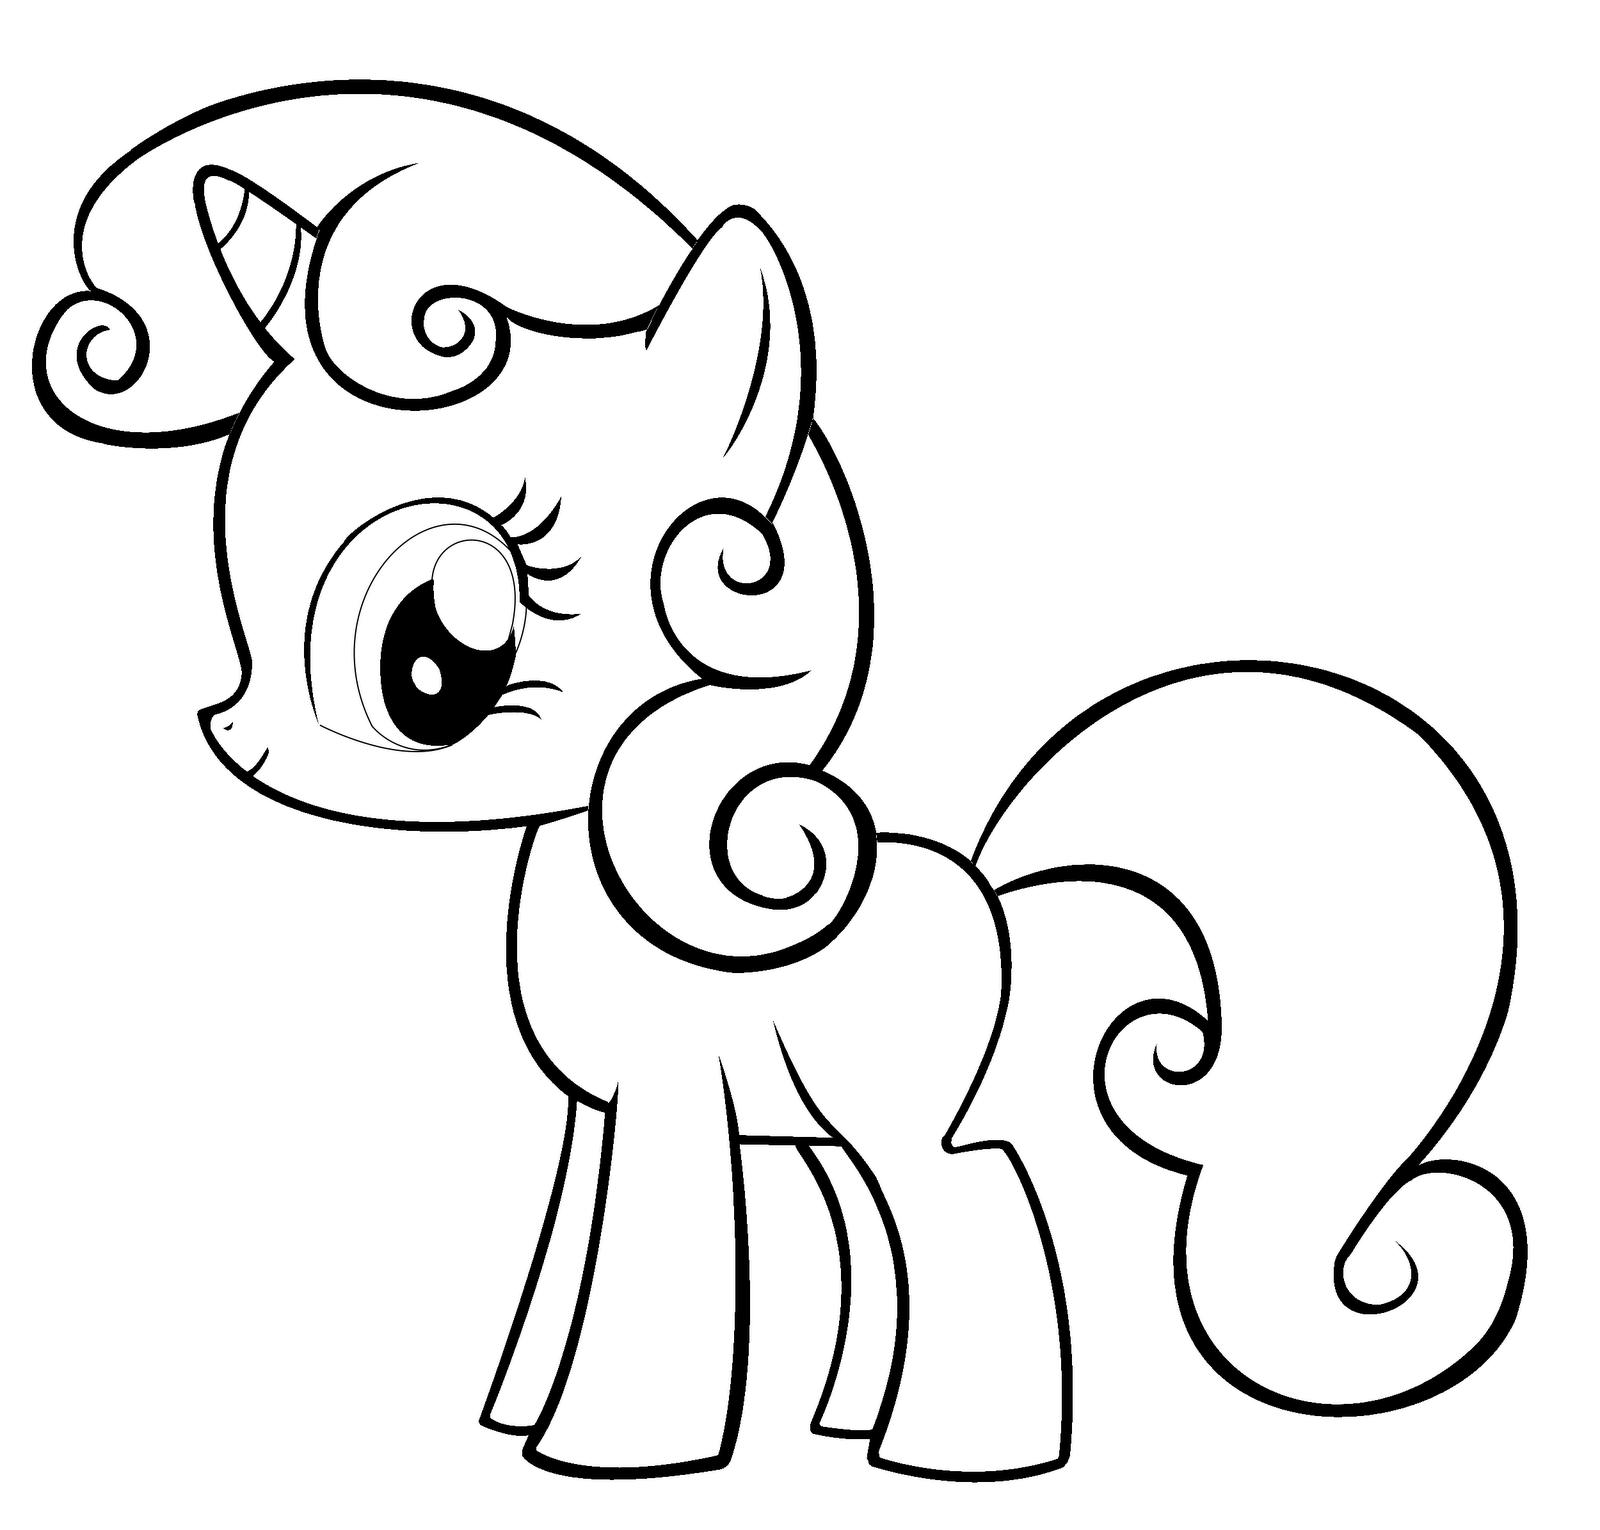 Tranh tập tô ngựa Pony